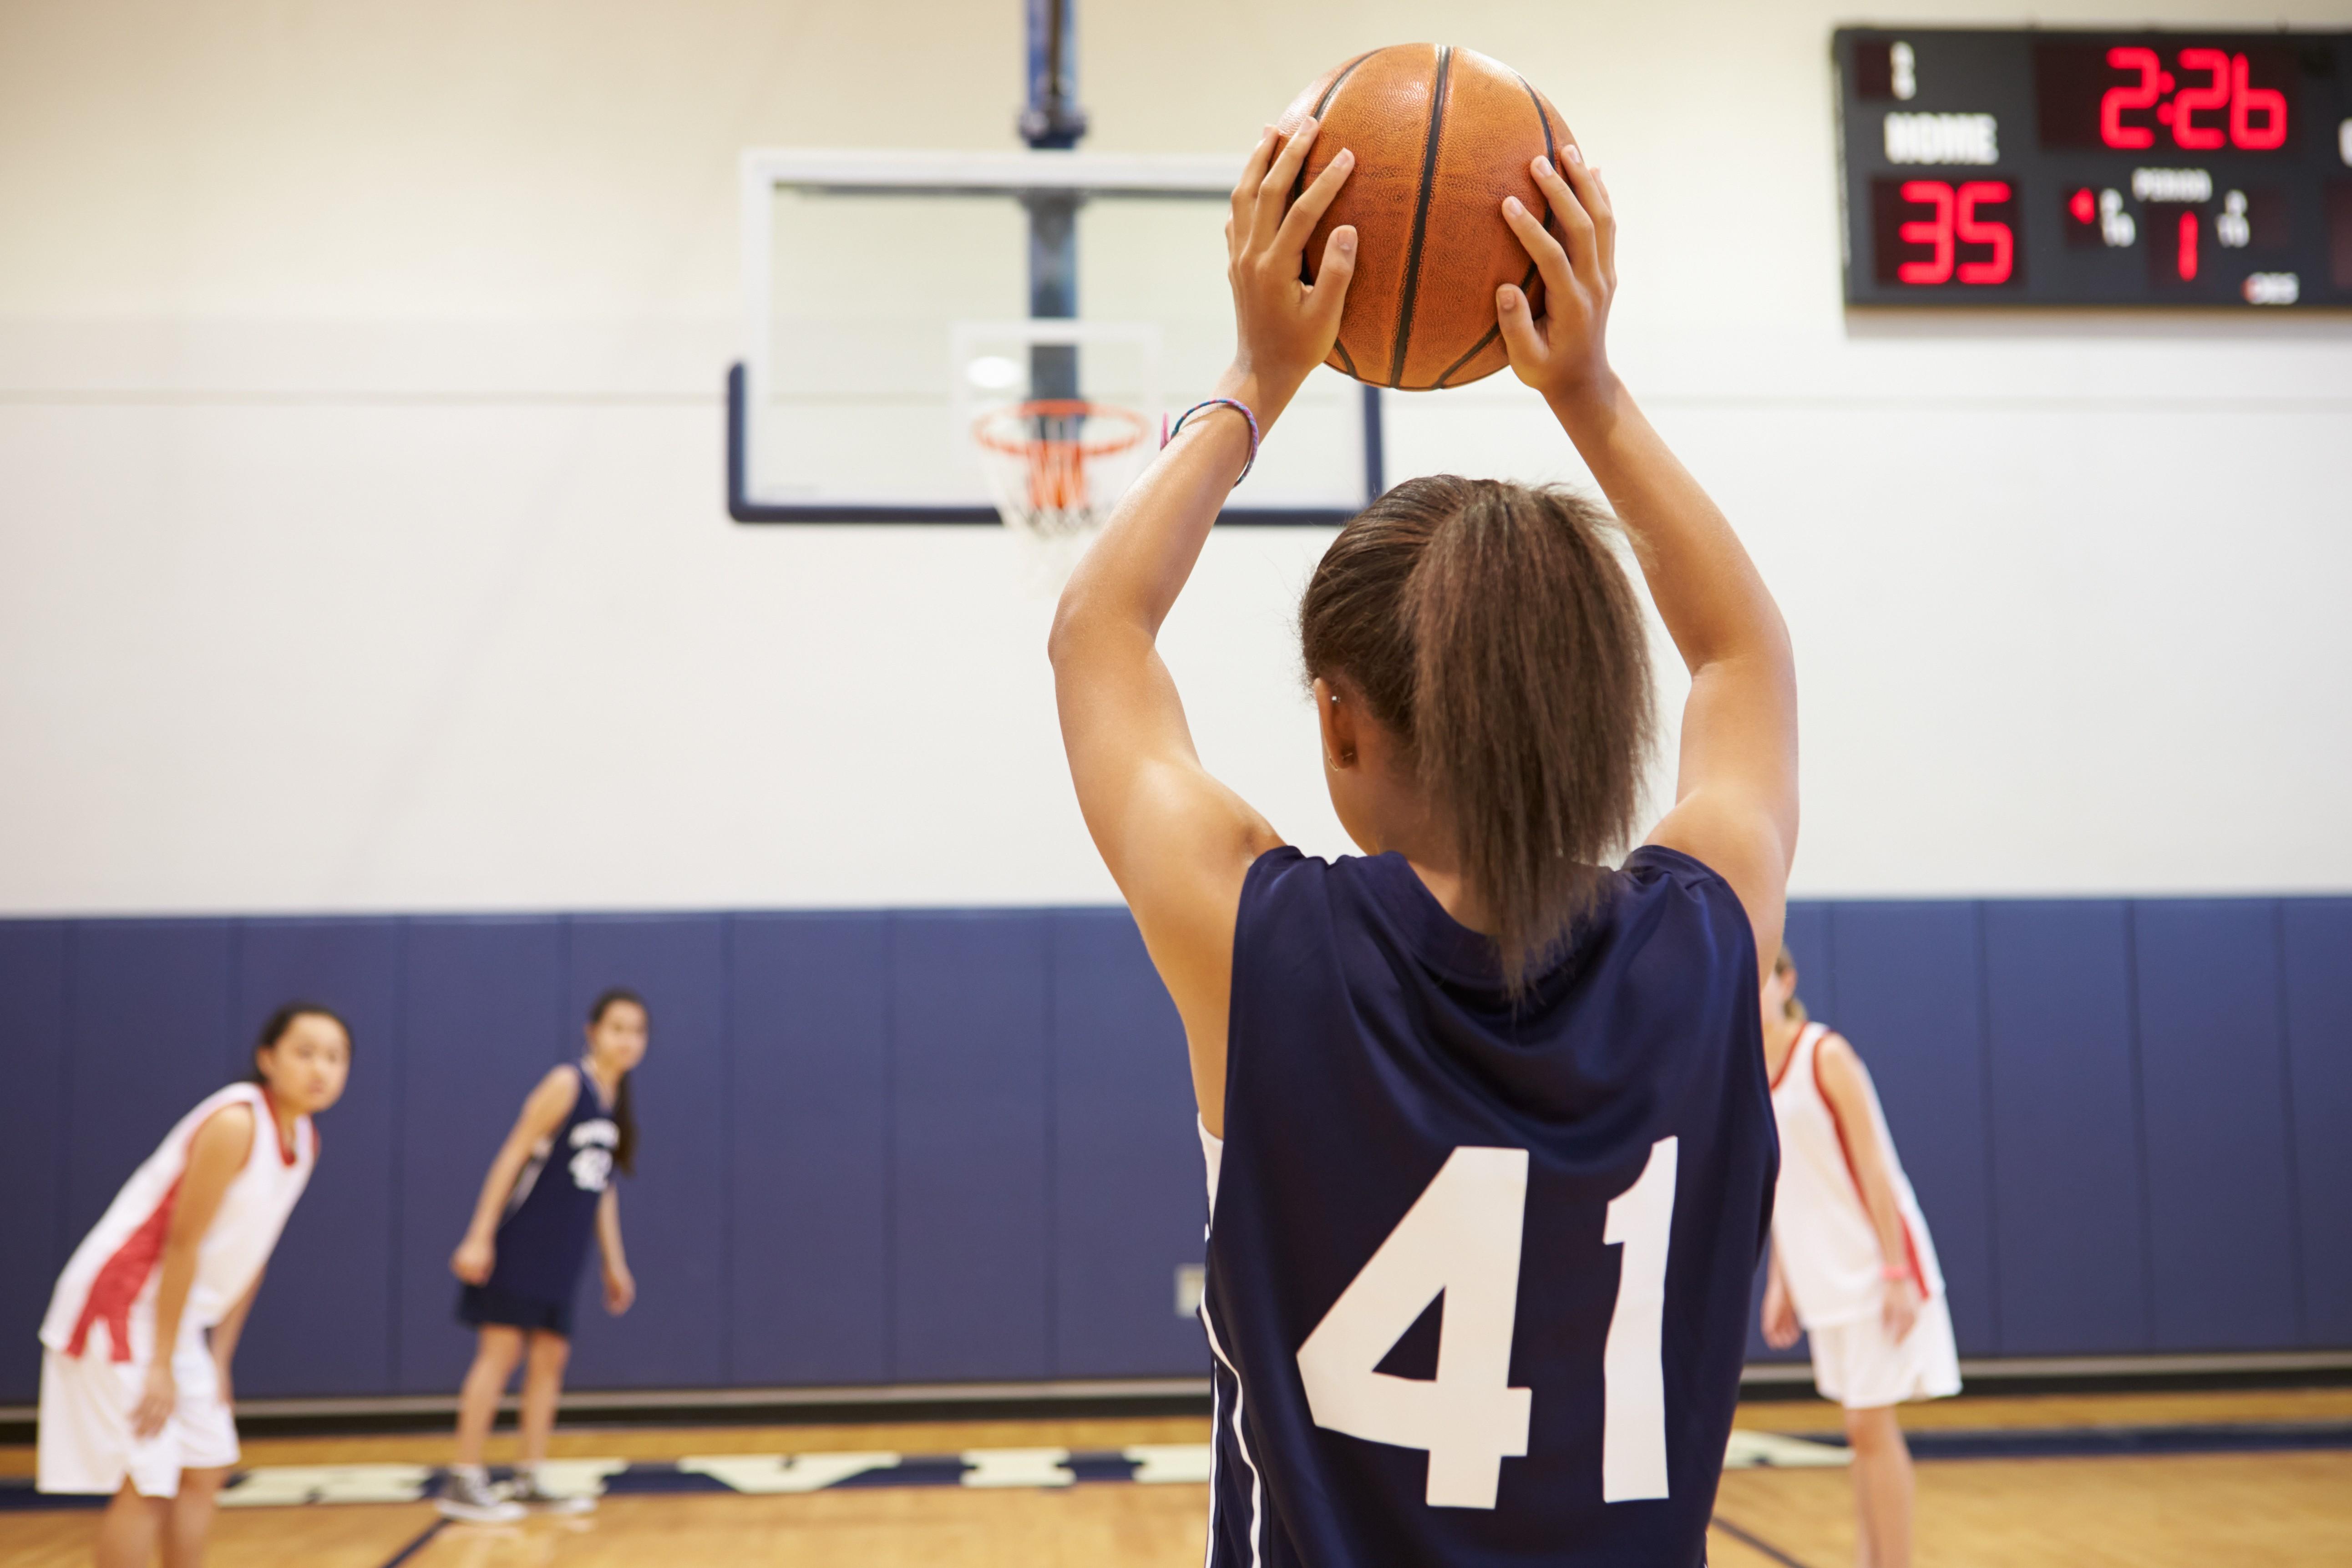 Quelles sont les nouvelles règles FIBA ?